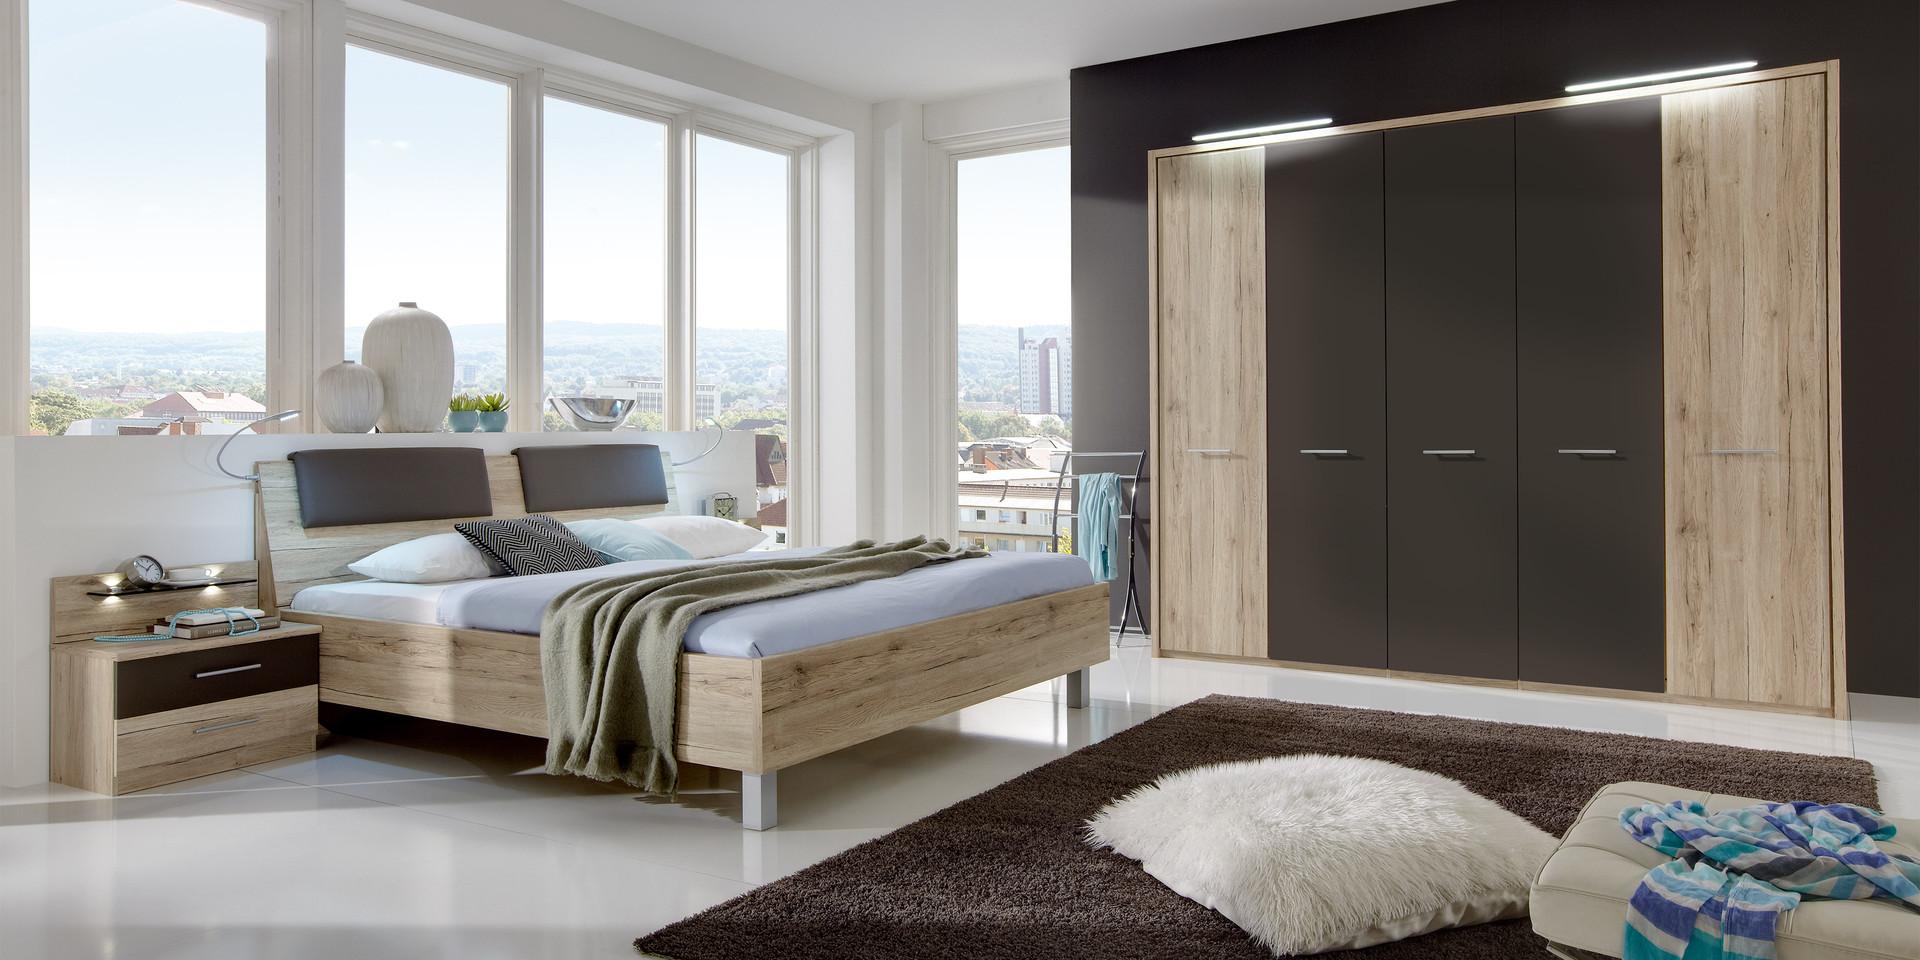 kommode schlafzimmer modern dekoration inspiration